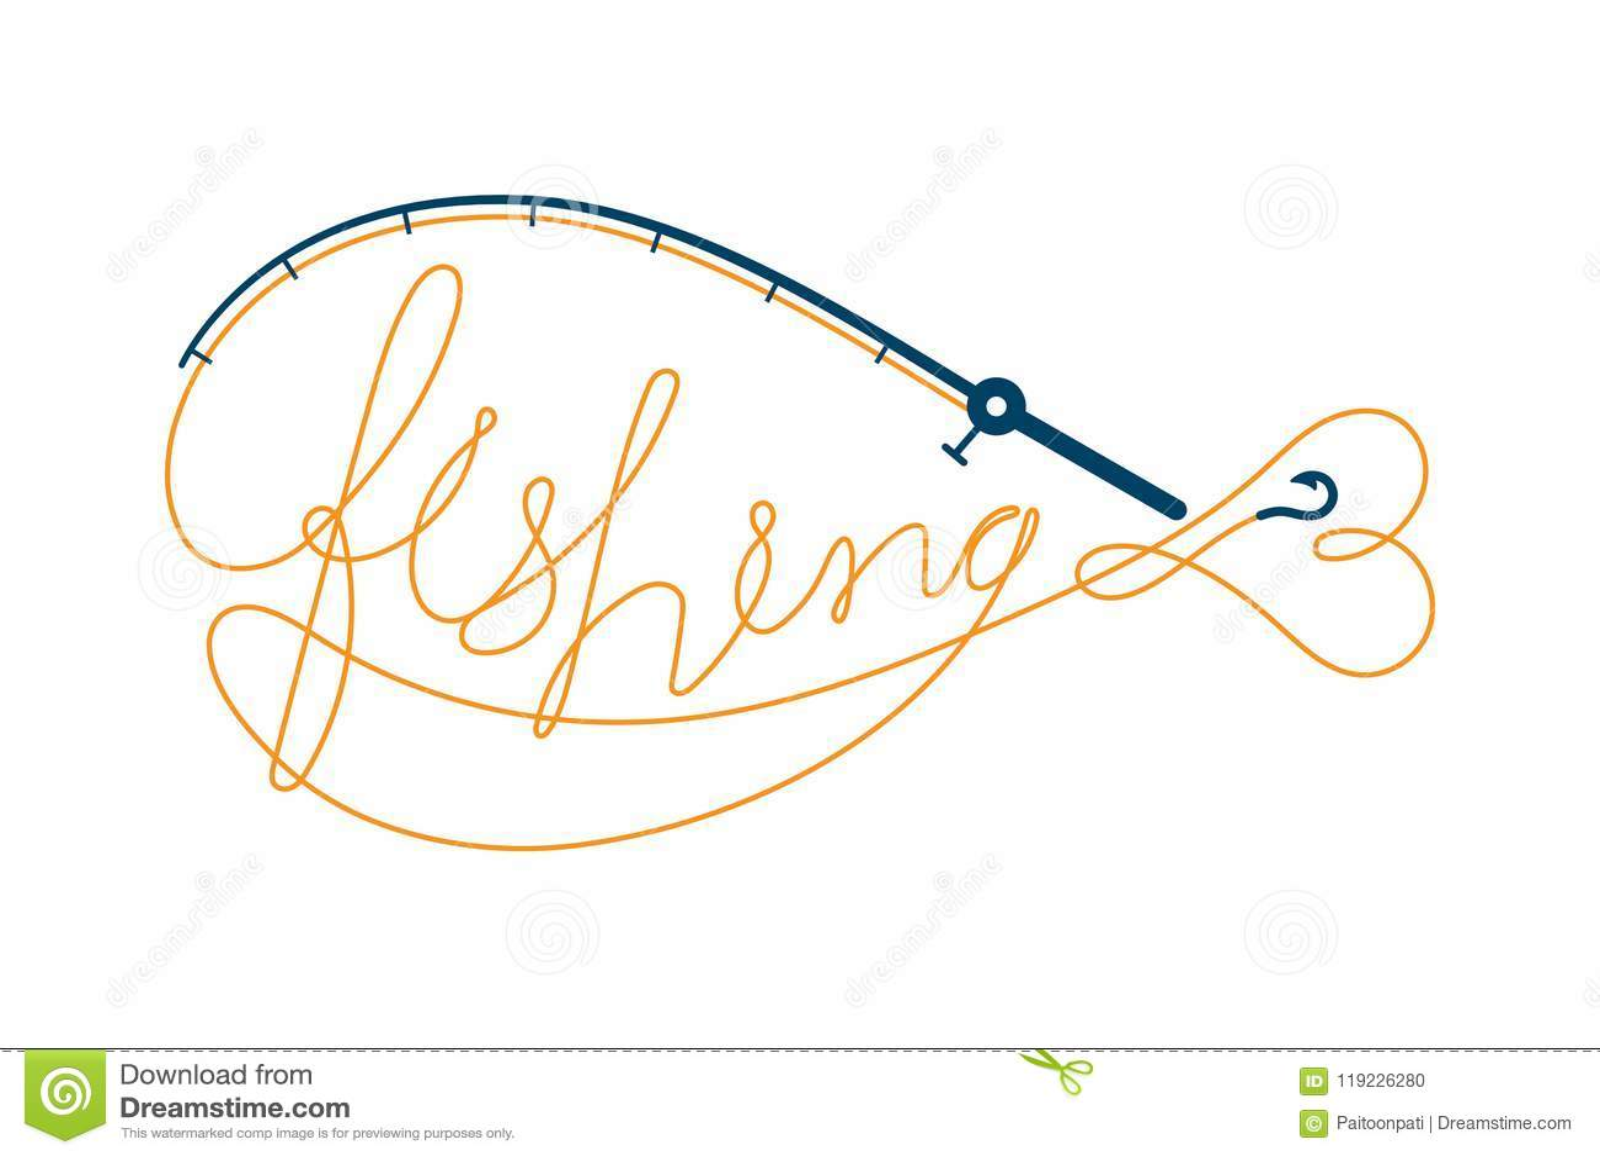 Fischen Sie den Text, der von Angelrute gemacht wird, Fischform, orange und dunkelblaue Farbillustration des Logoikonenbühnenbild